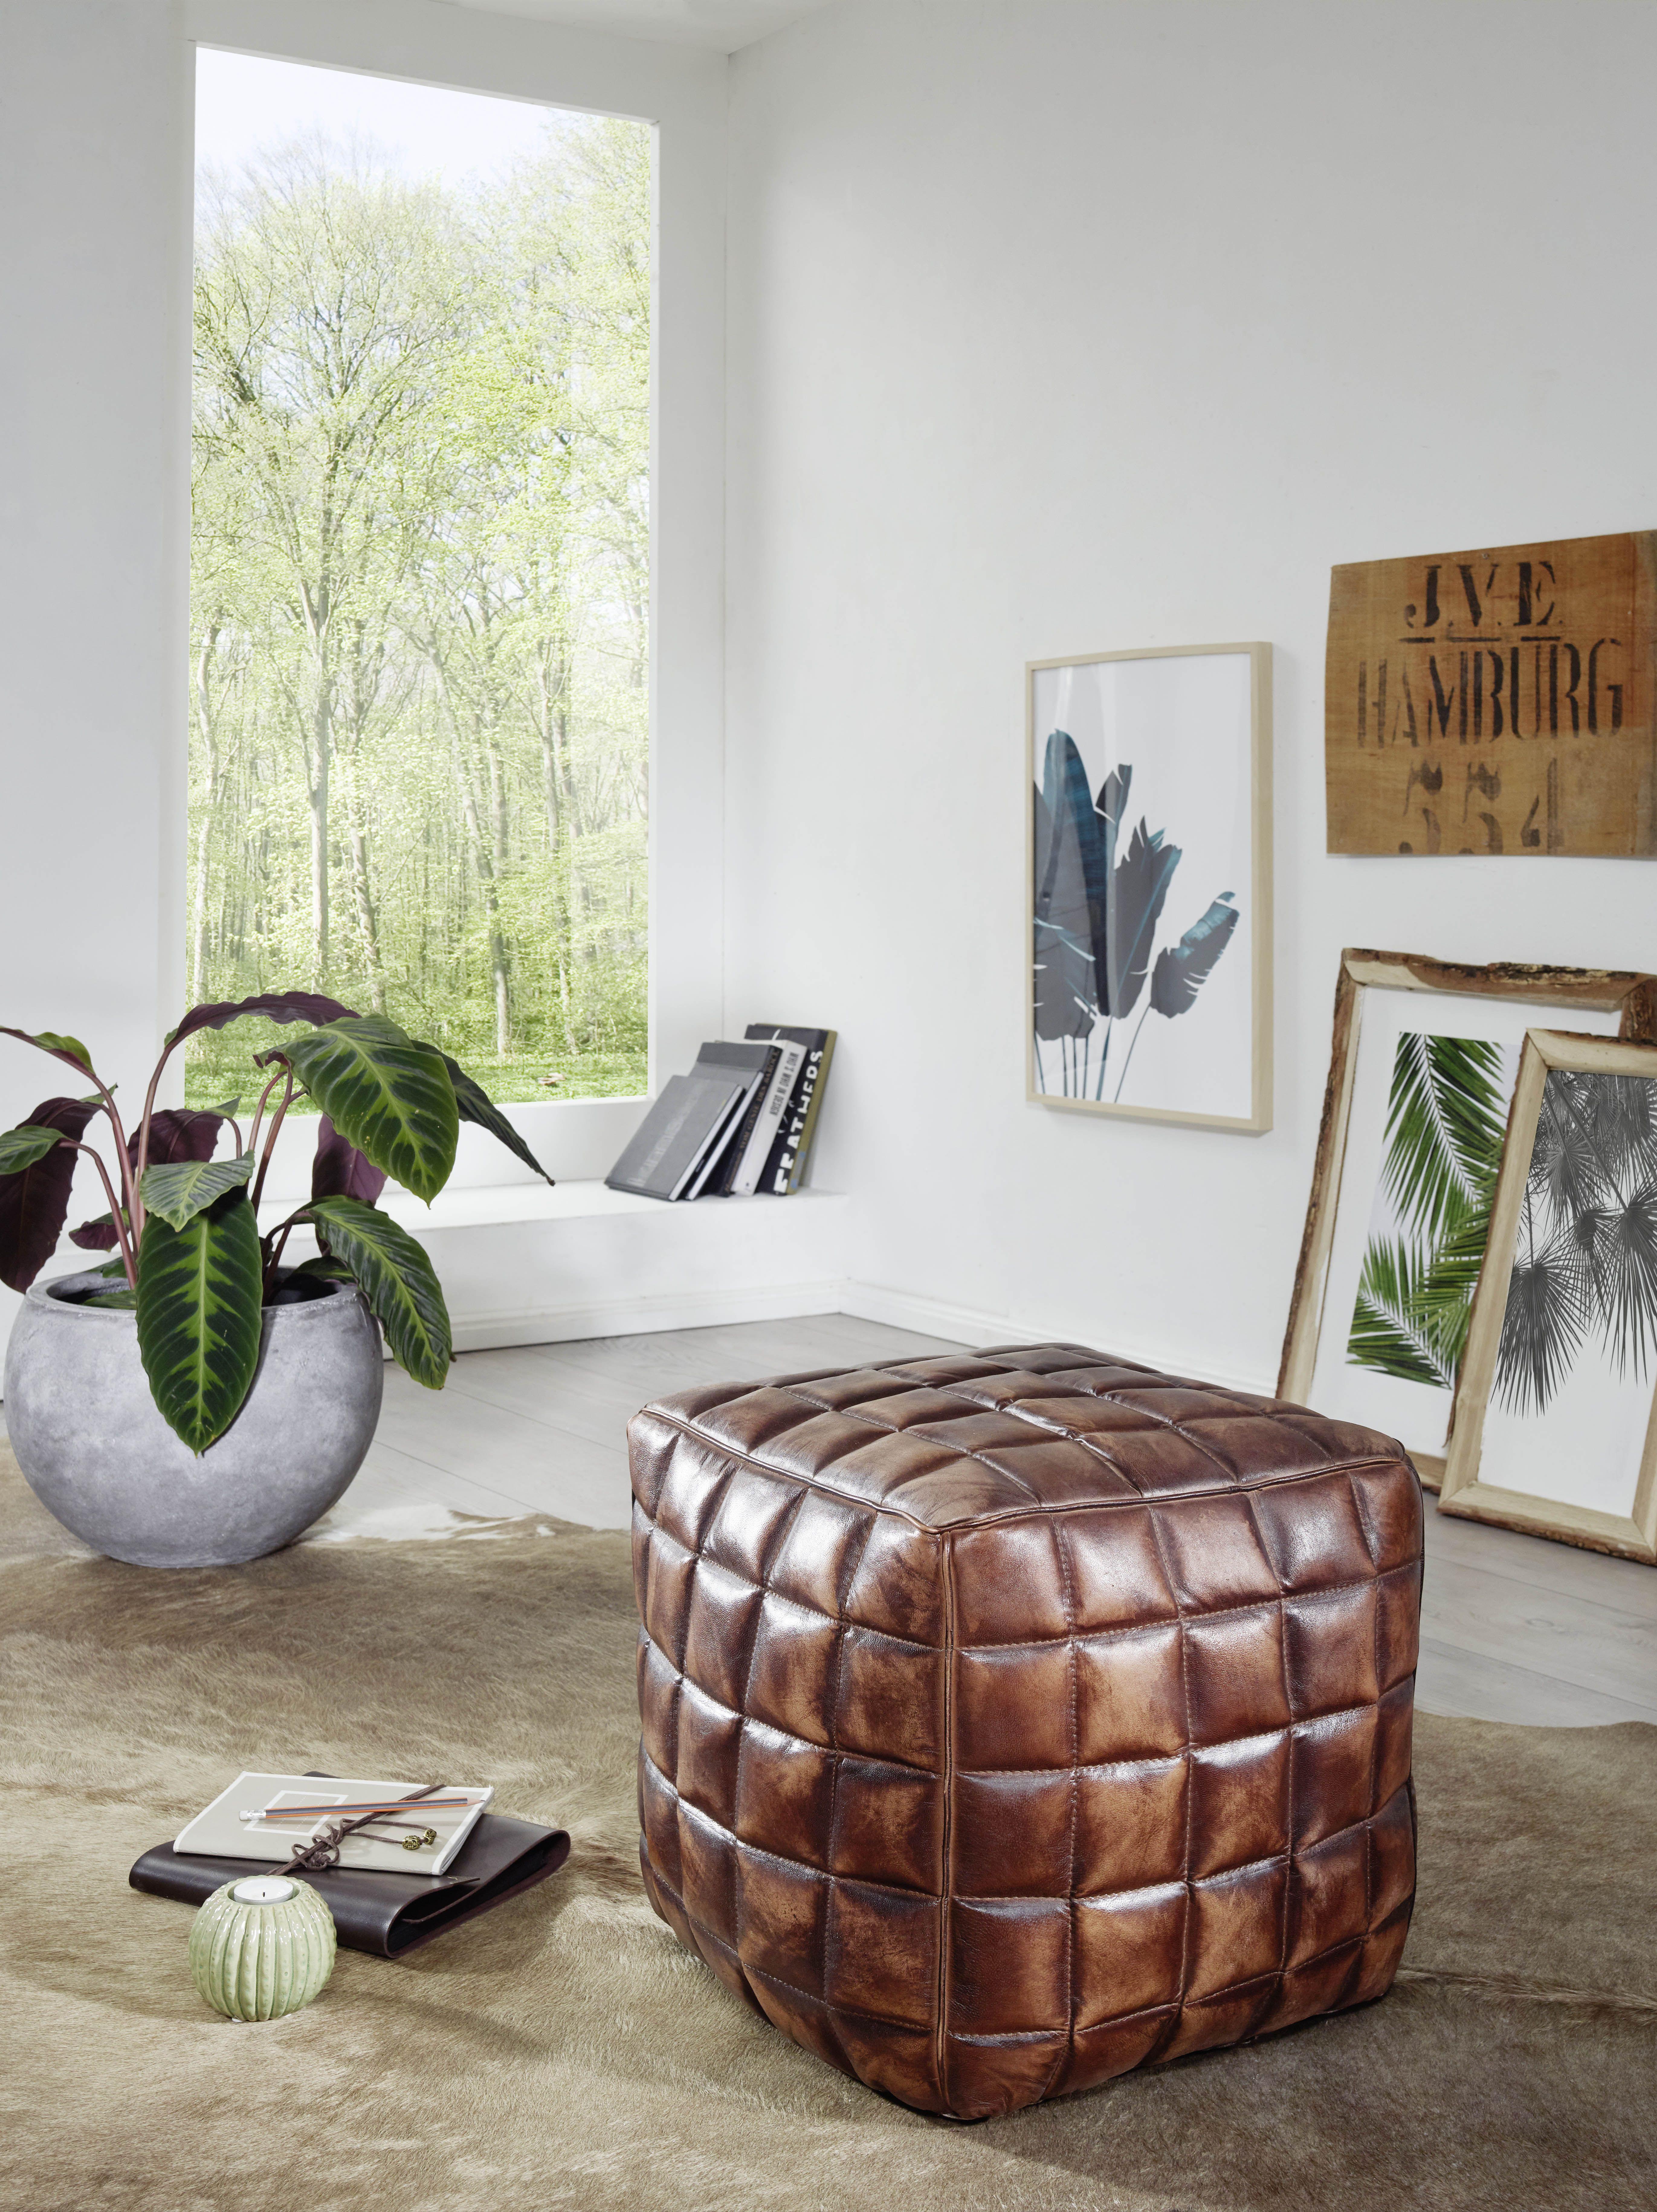 Wohnling Sitzhocker Stanley WL5.331 Braun Aus Leder #Wohnzimmer #Fernsehen  #Sitzen #